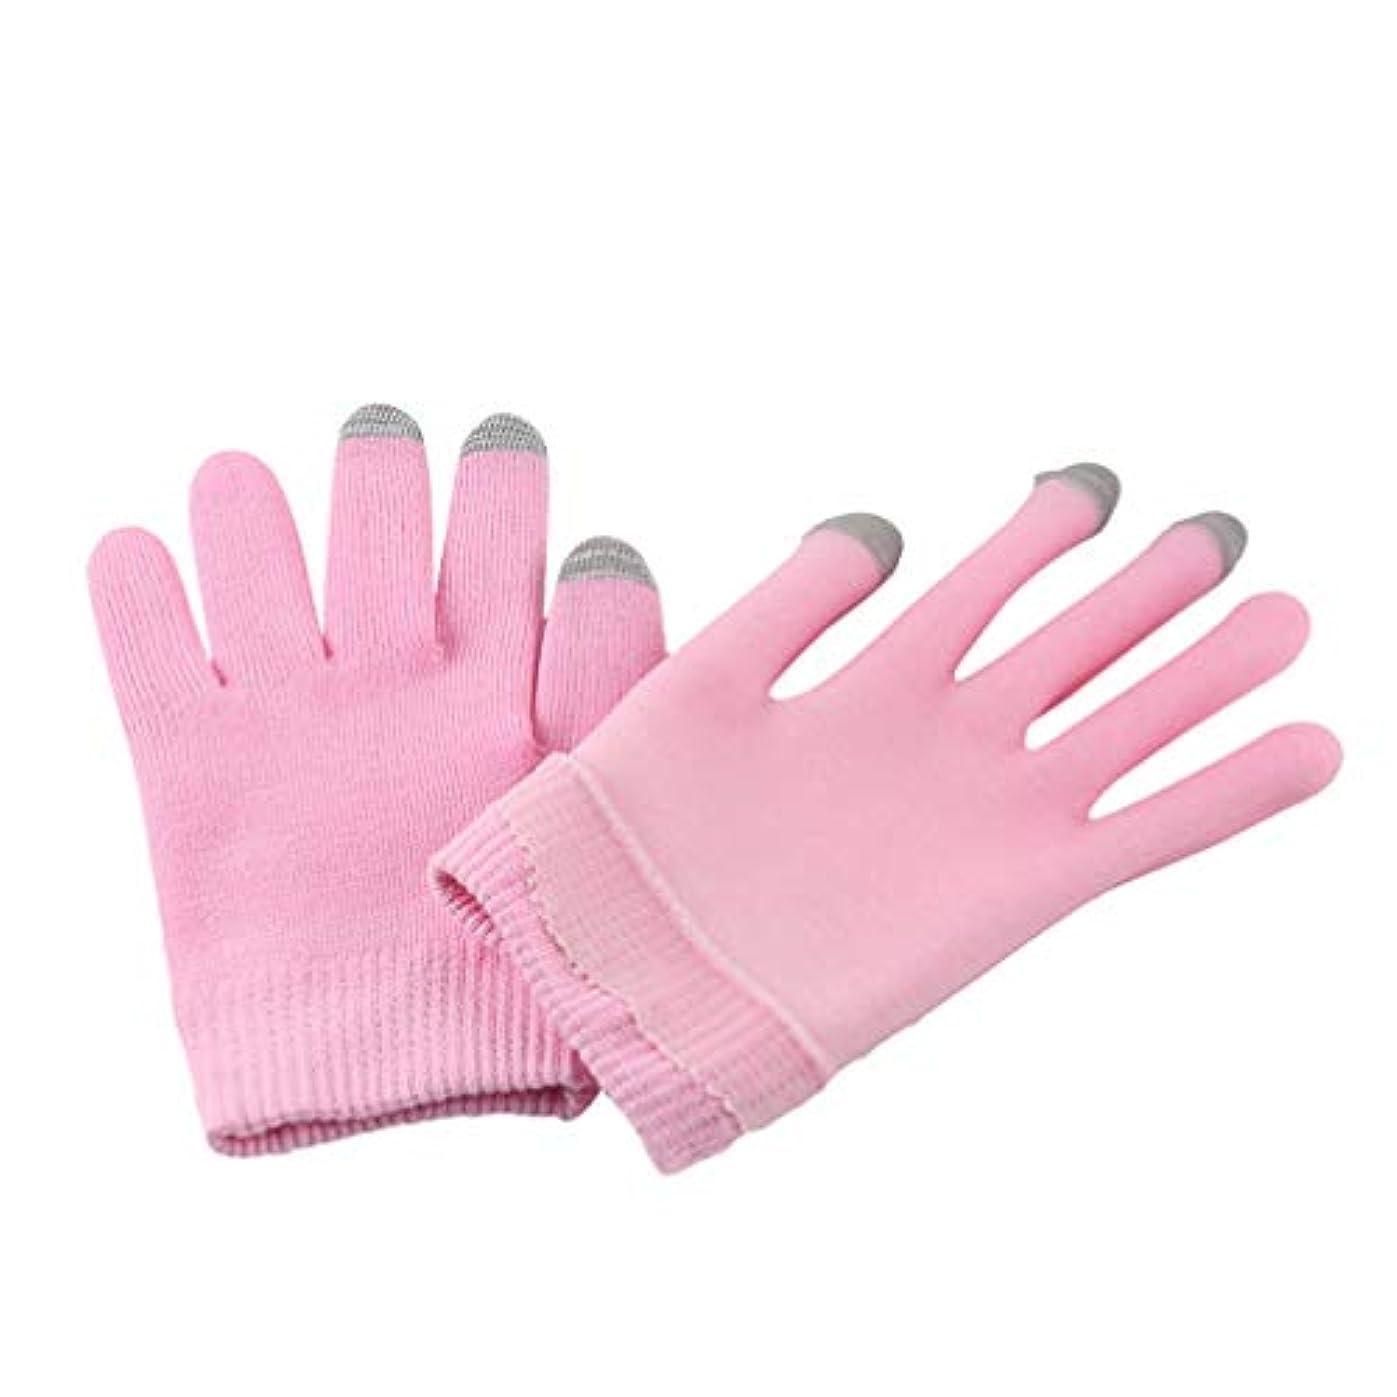 チーターのりどんなときもSUPVOX 冬のニット手袋タッチスクリーン手袋屋外サイクリング運転用の防風サーマルグローブ1ペア